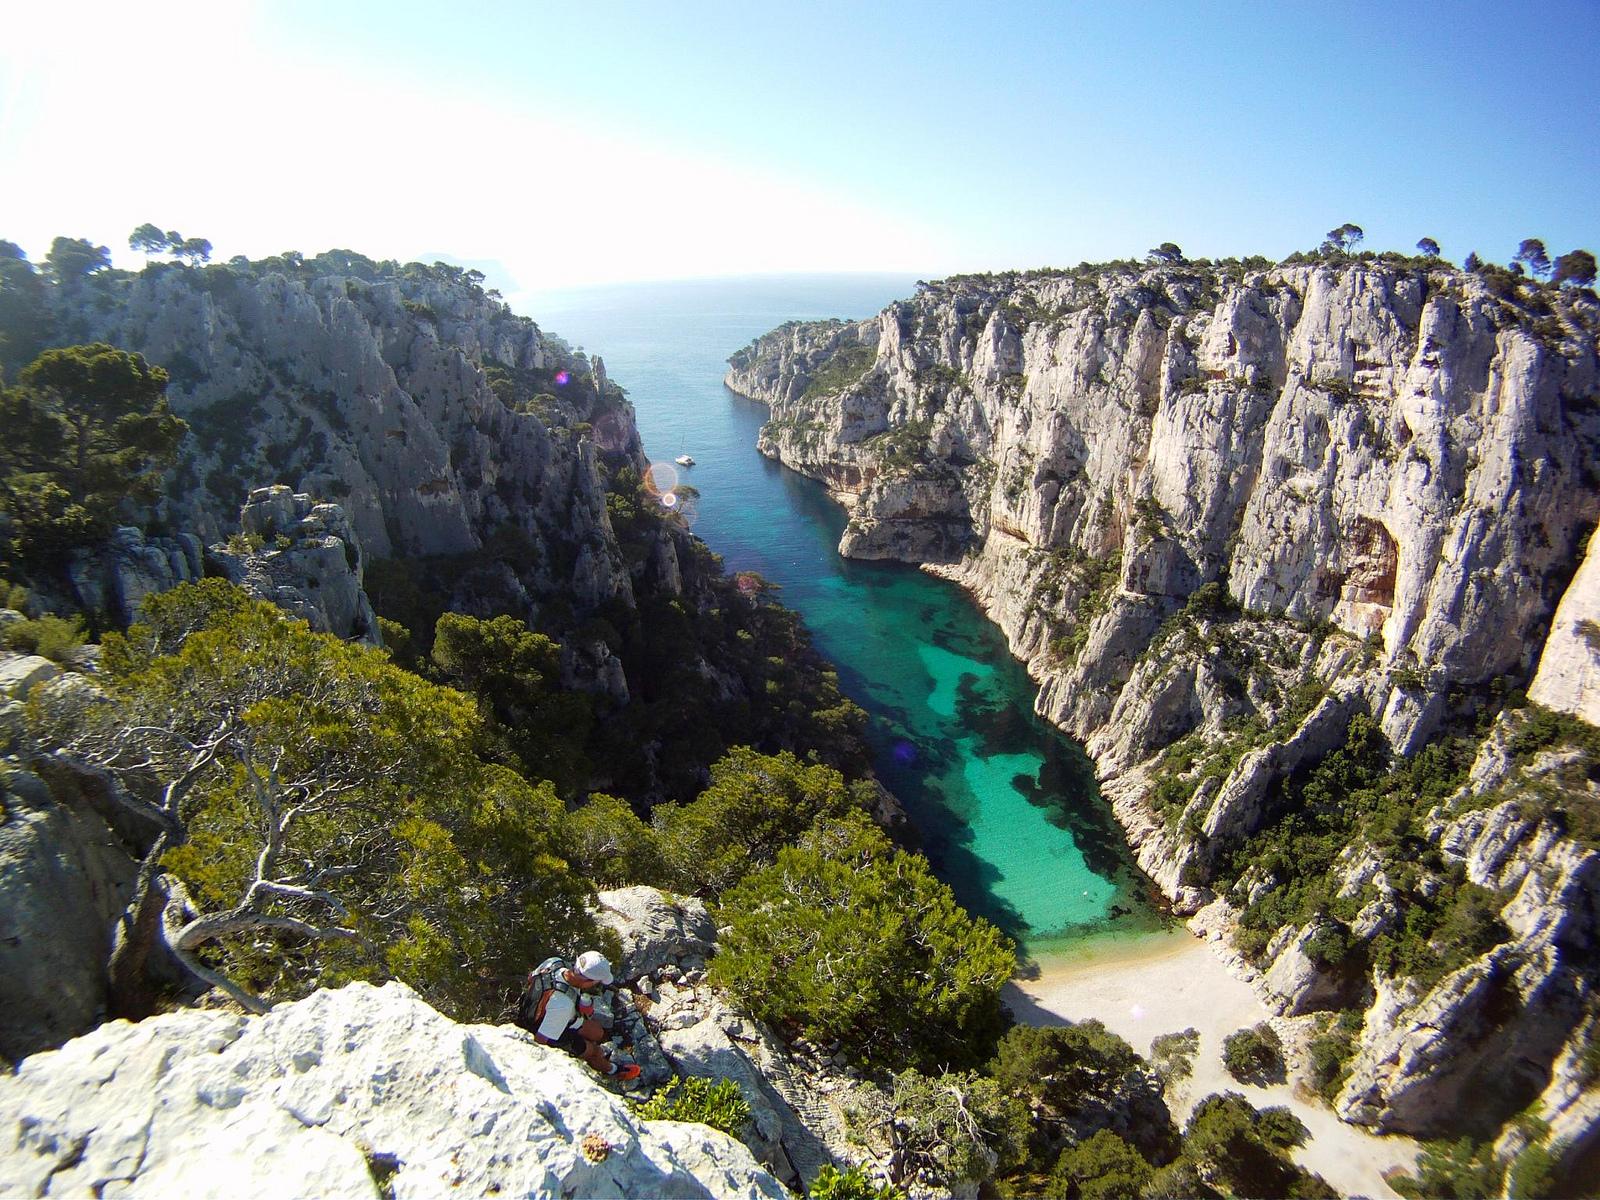 De 10 mooiste stranden aan de Côte d'Azur